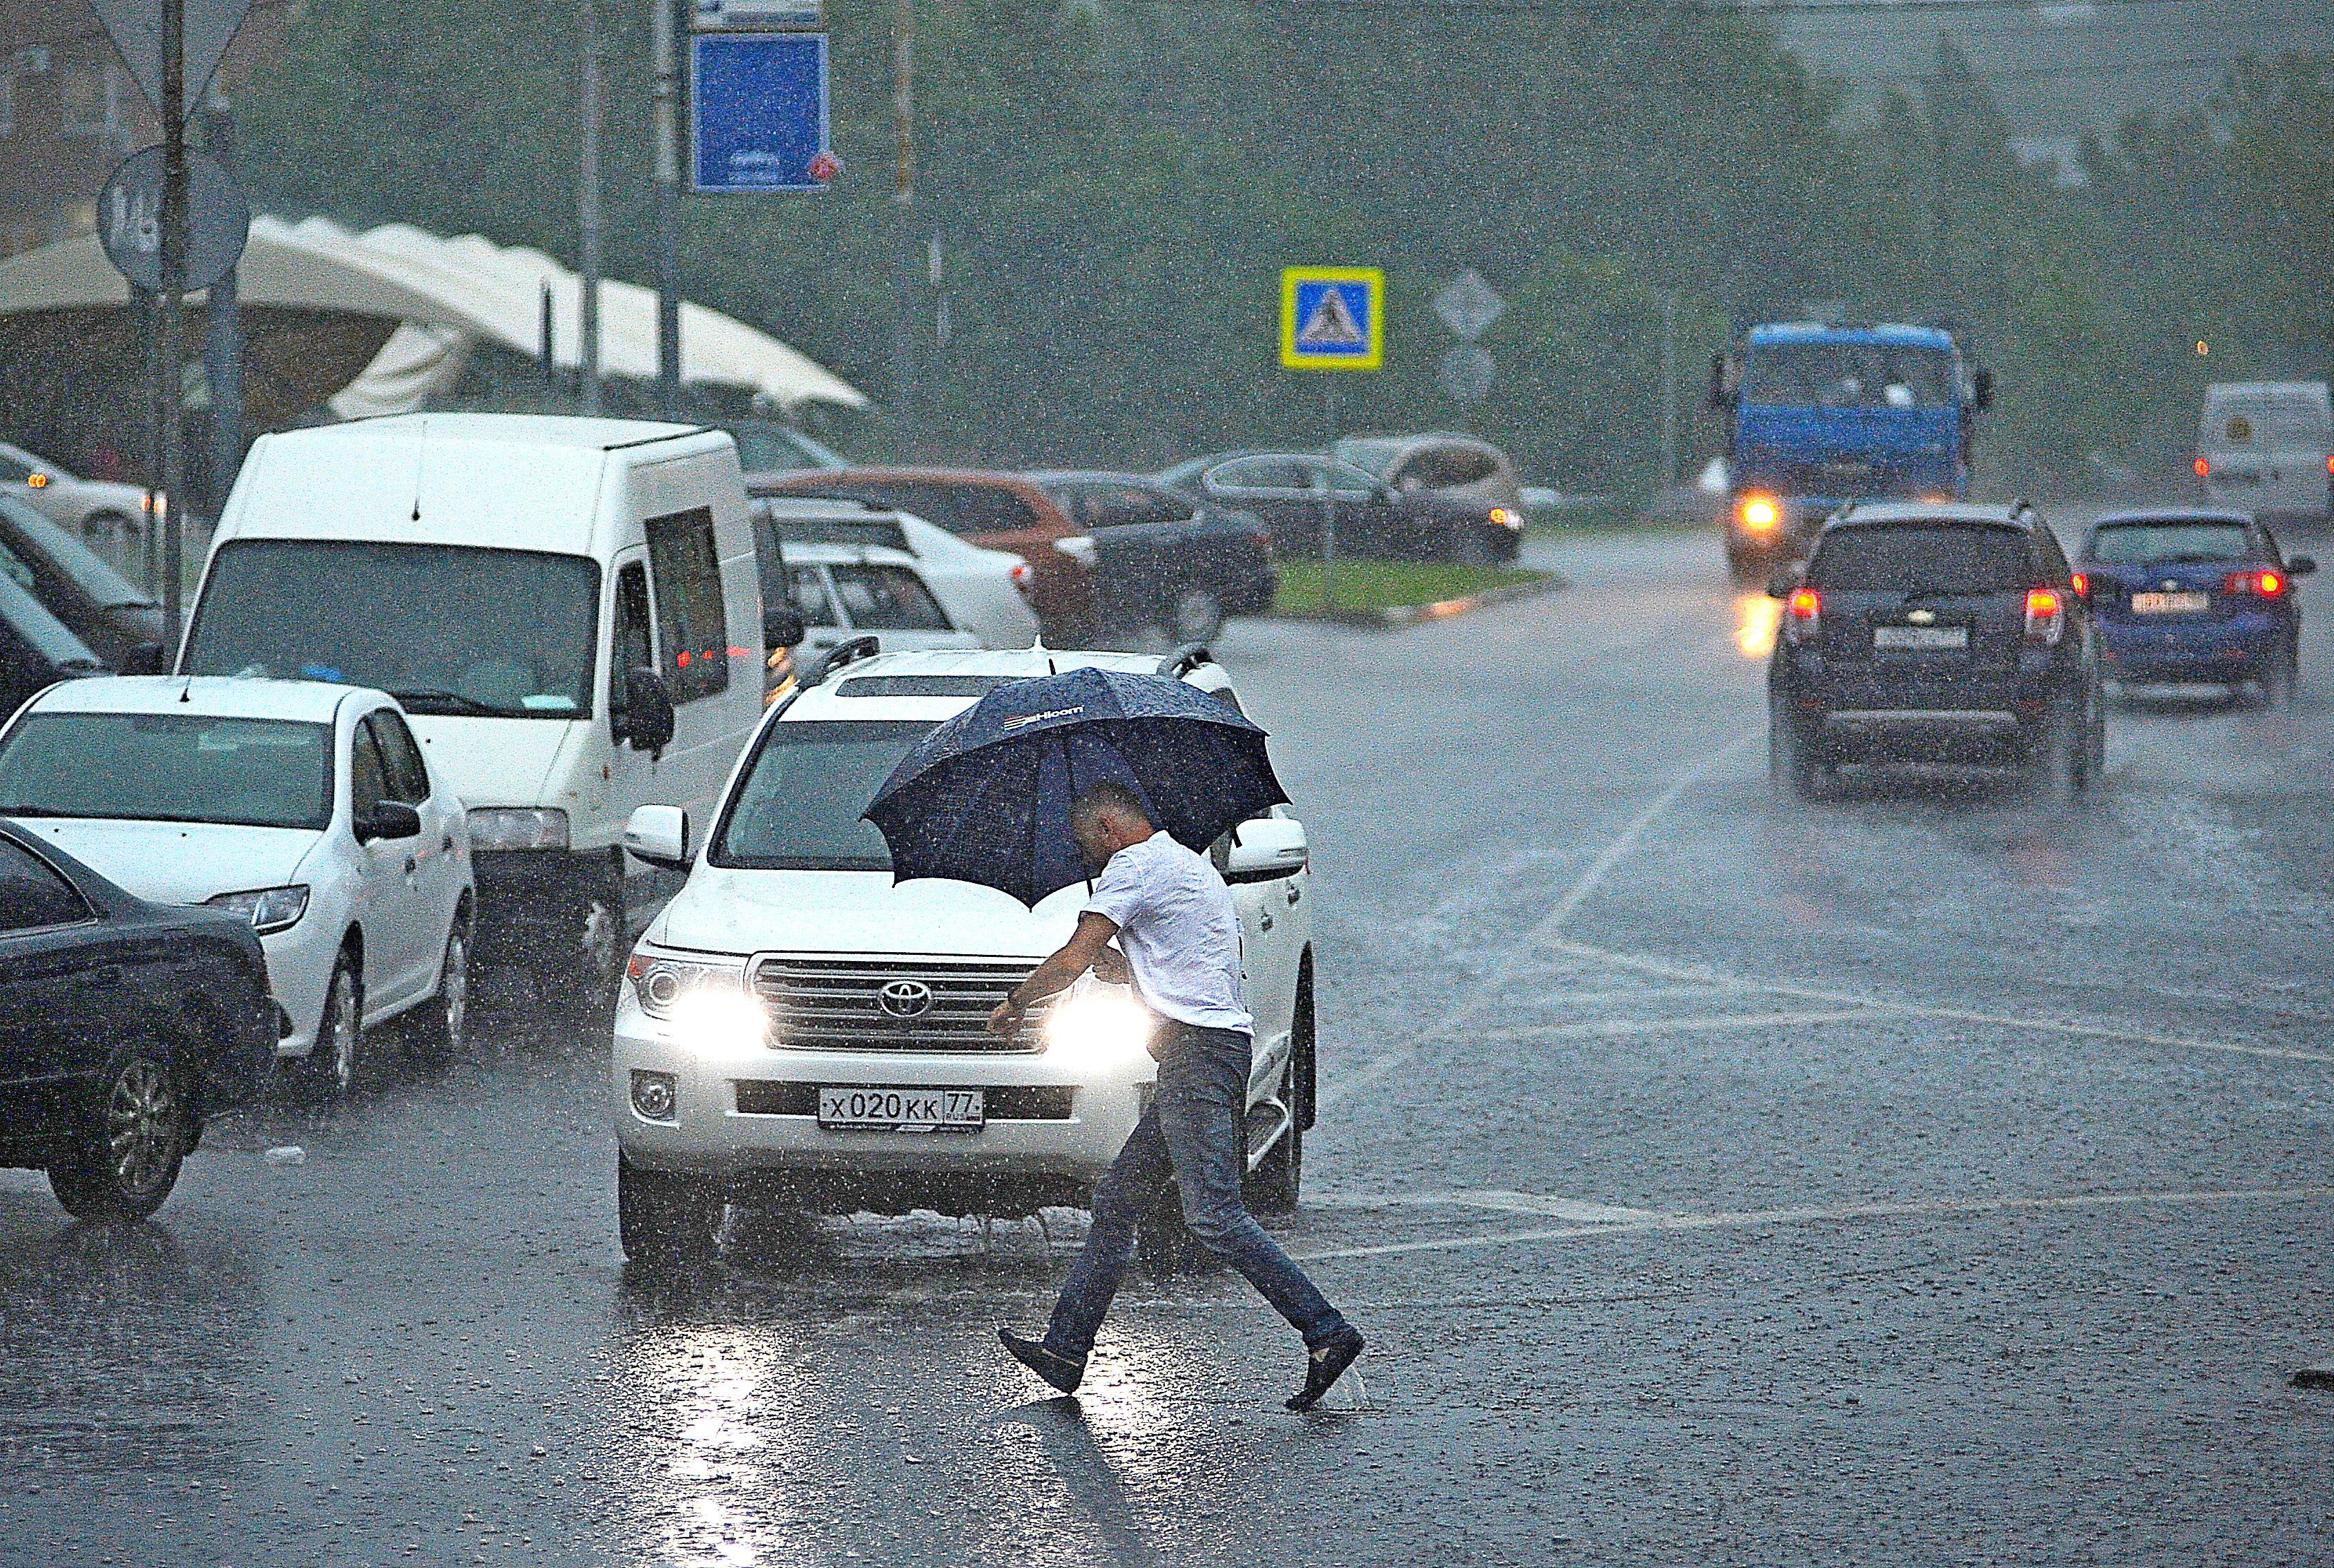 Москвичей предупредили о грозе с ливнями в понедельник